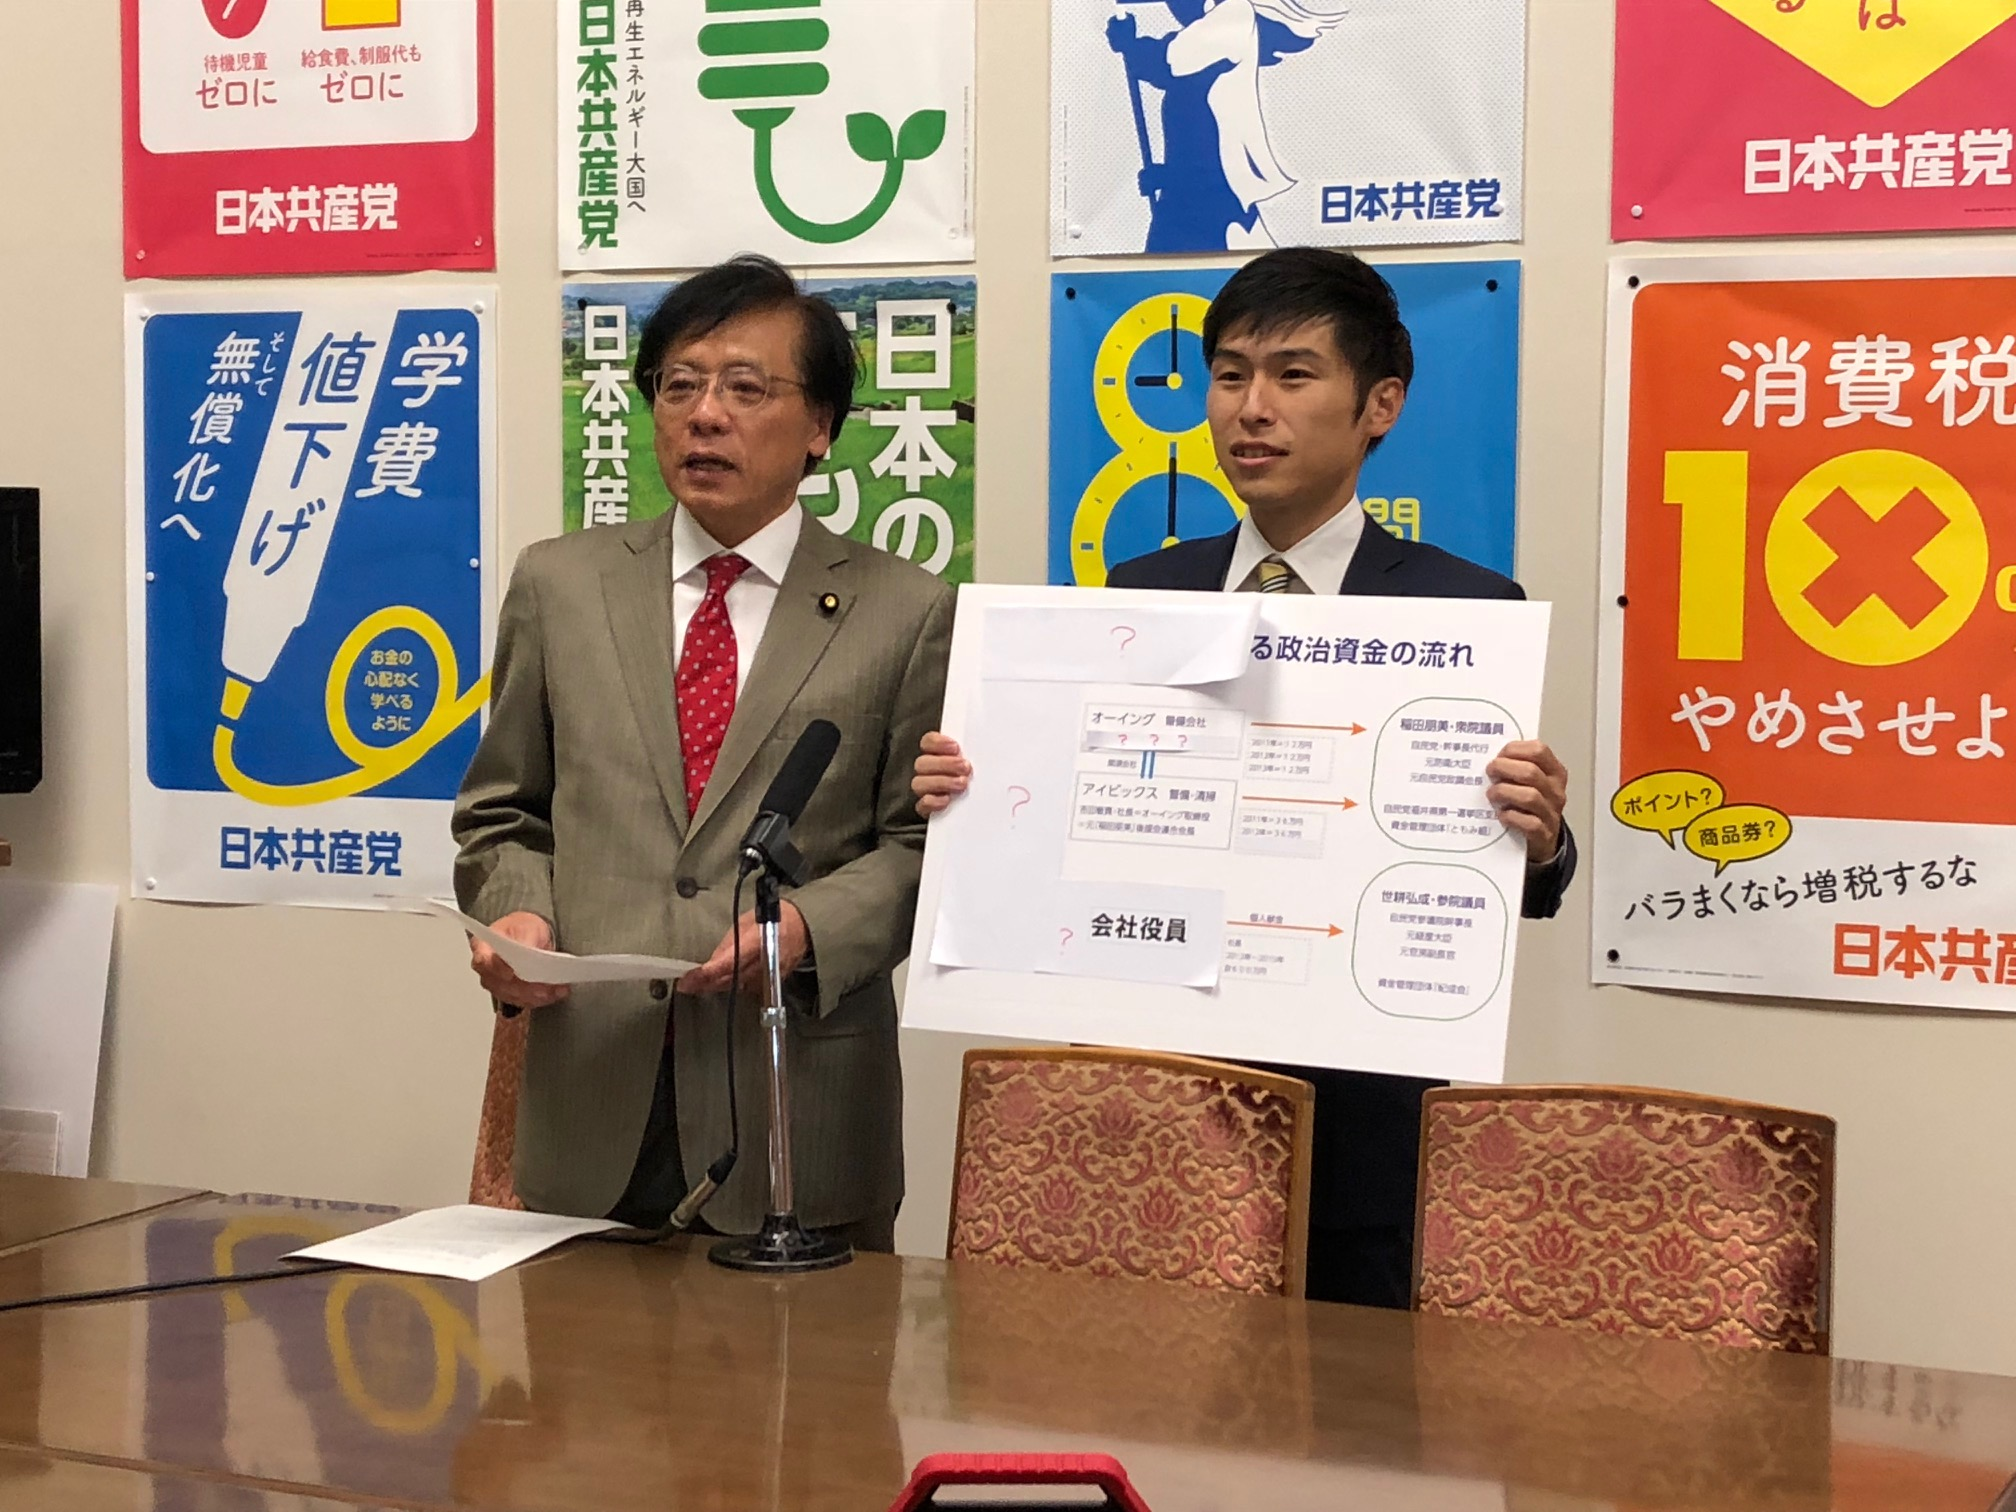 http://www.inoue-satoshi.com/diary/IMG_1289.jpg